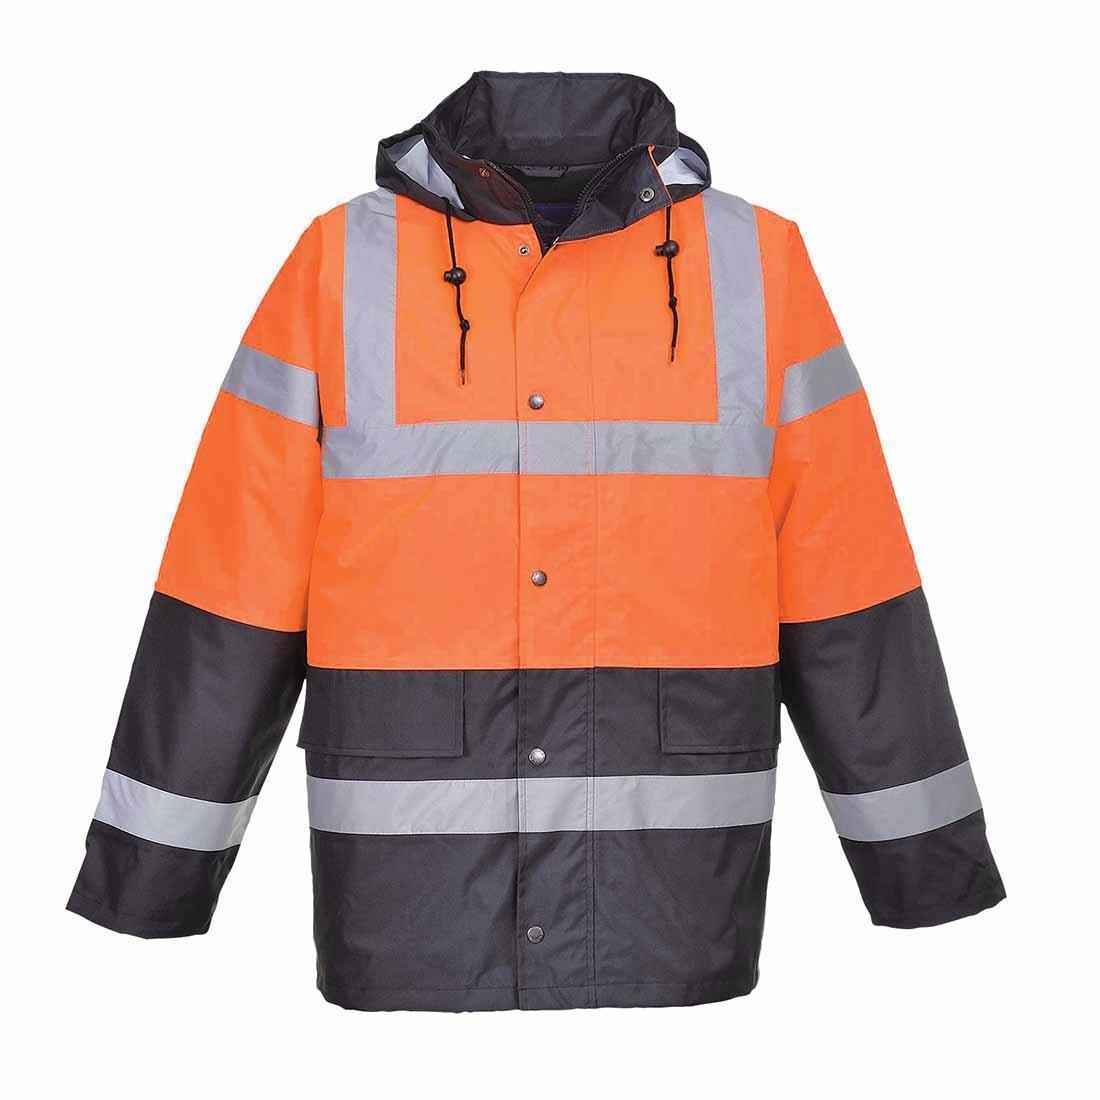 Portwest S467ogyxxxl Bicolore à haute visibilité Trafic Veste, Regular, taille 3X L, Orange/gris taille 3X L Portwest Clothing Ltd